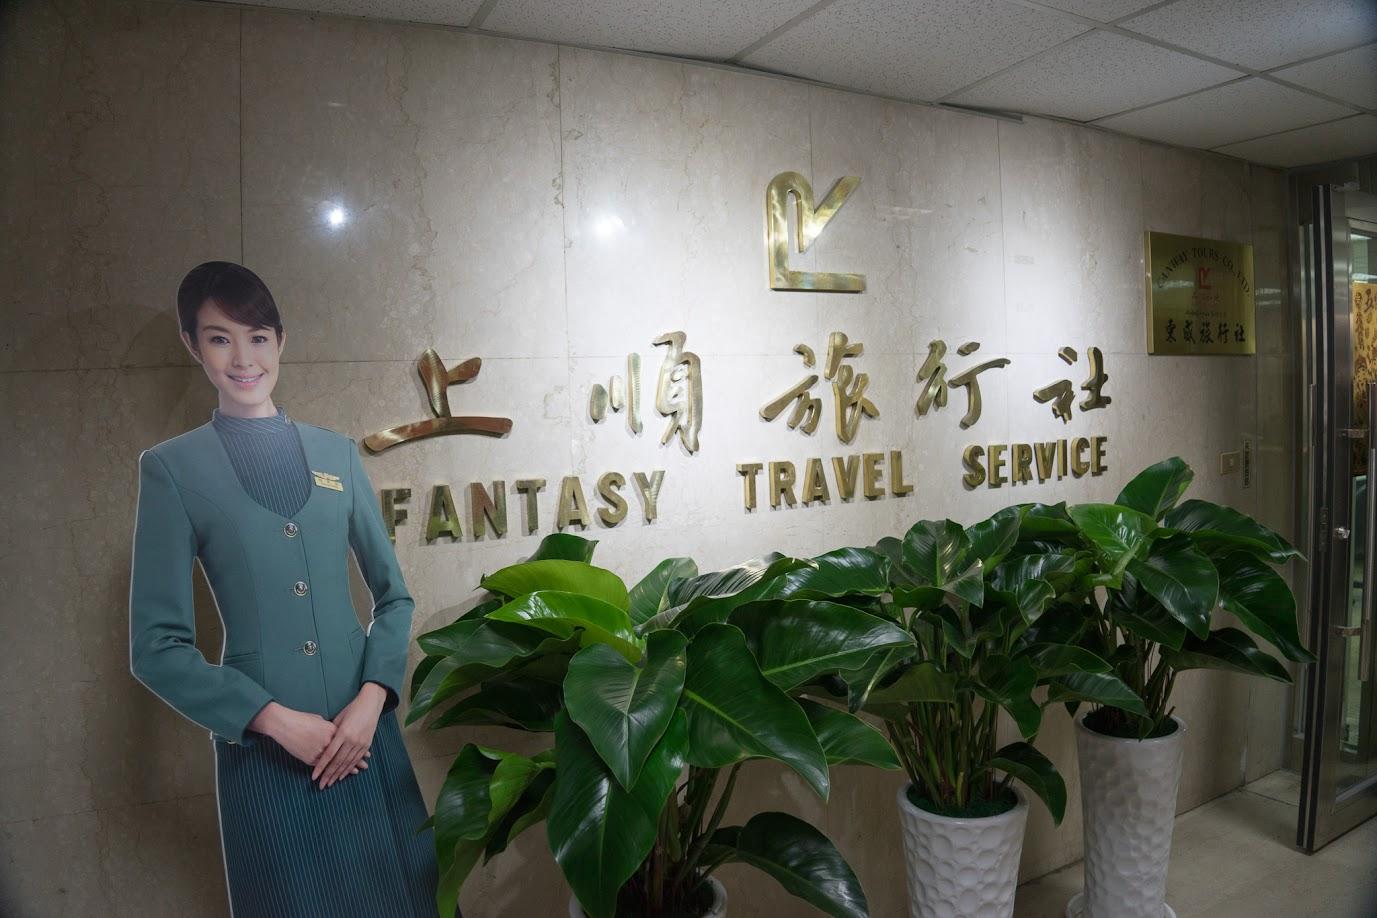 上順旅行社(Fantasy Travel)